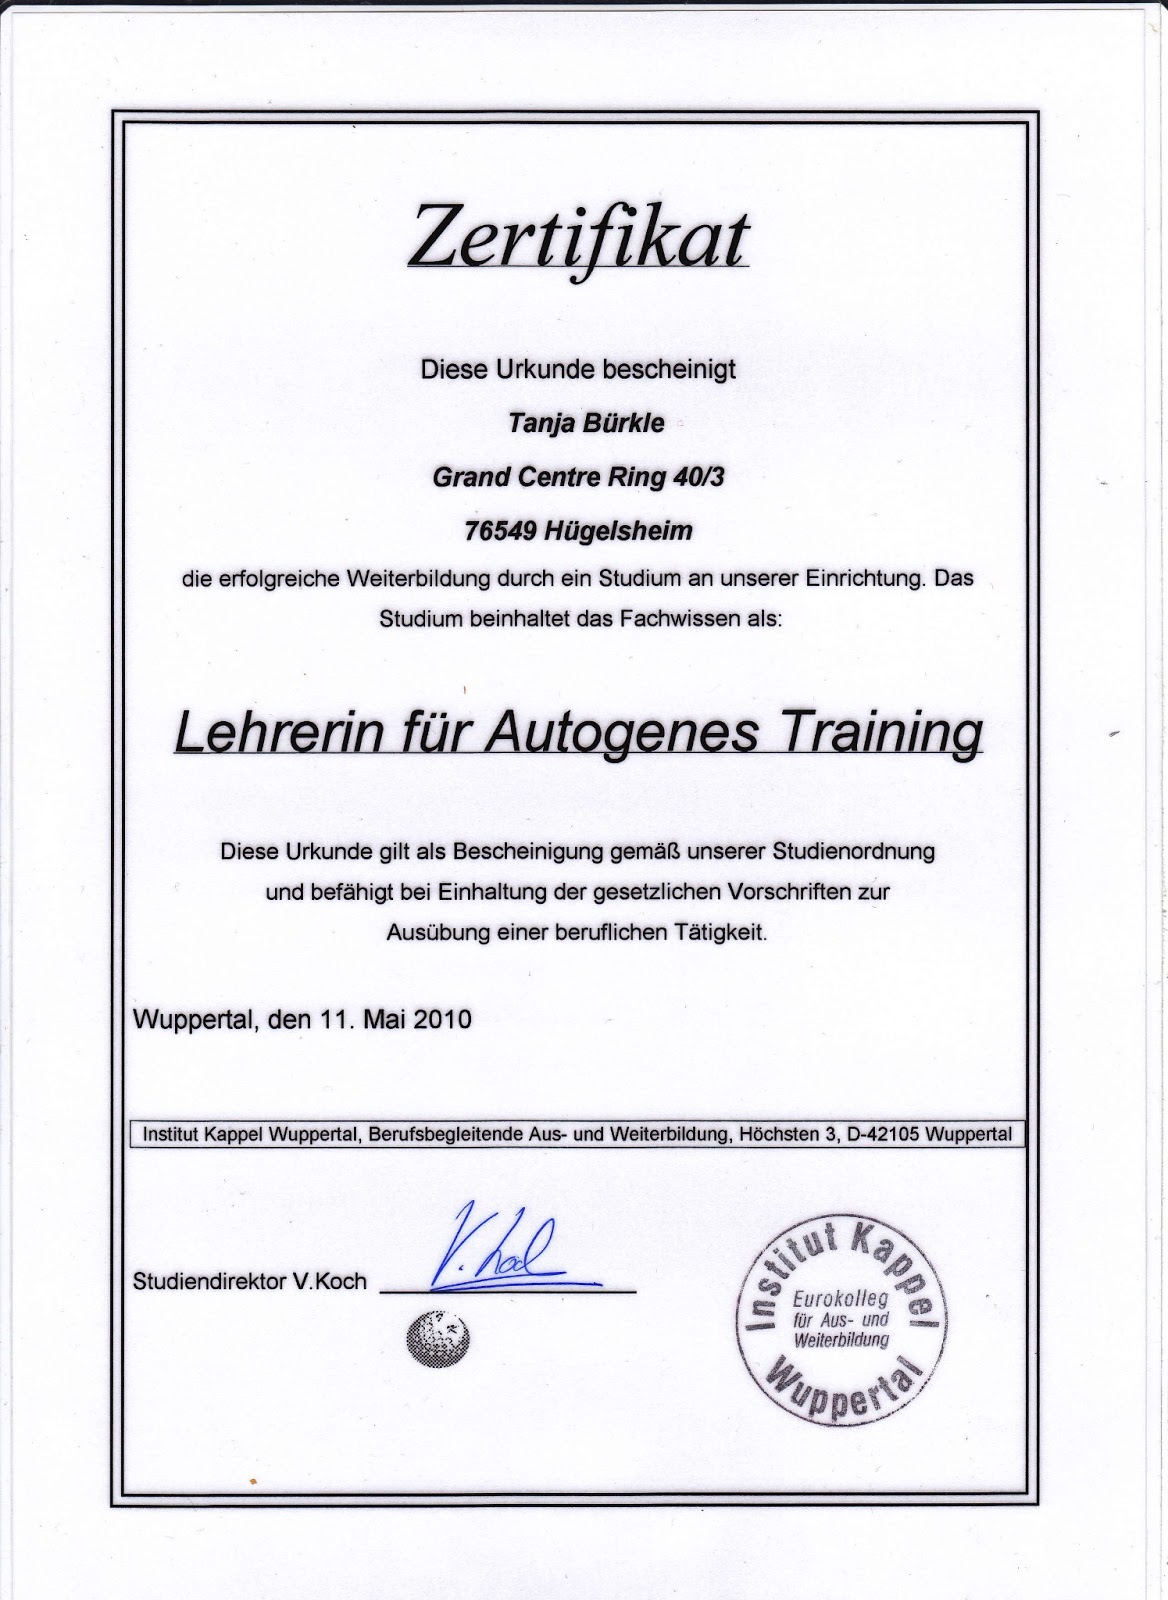 Großartig Zertifikatvorlagen Erfahren Galerie - Entry Level Resume ...